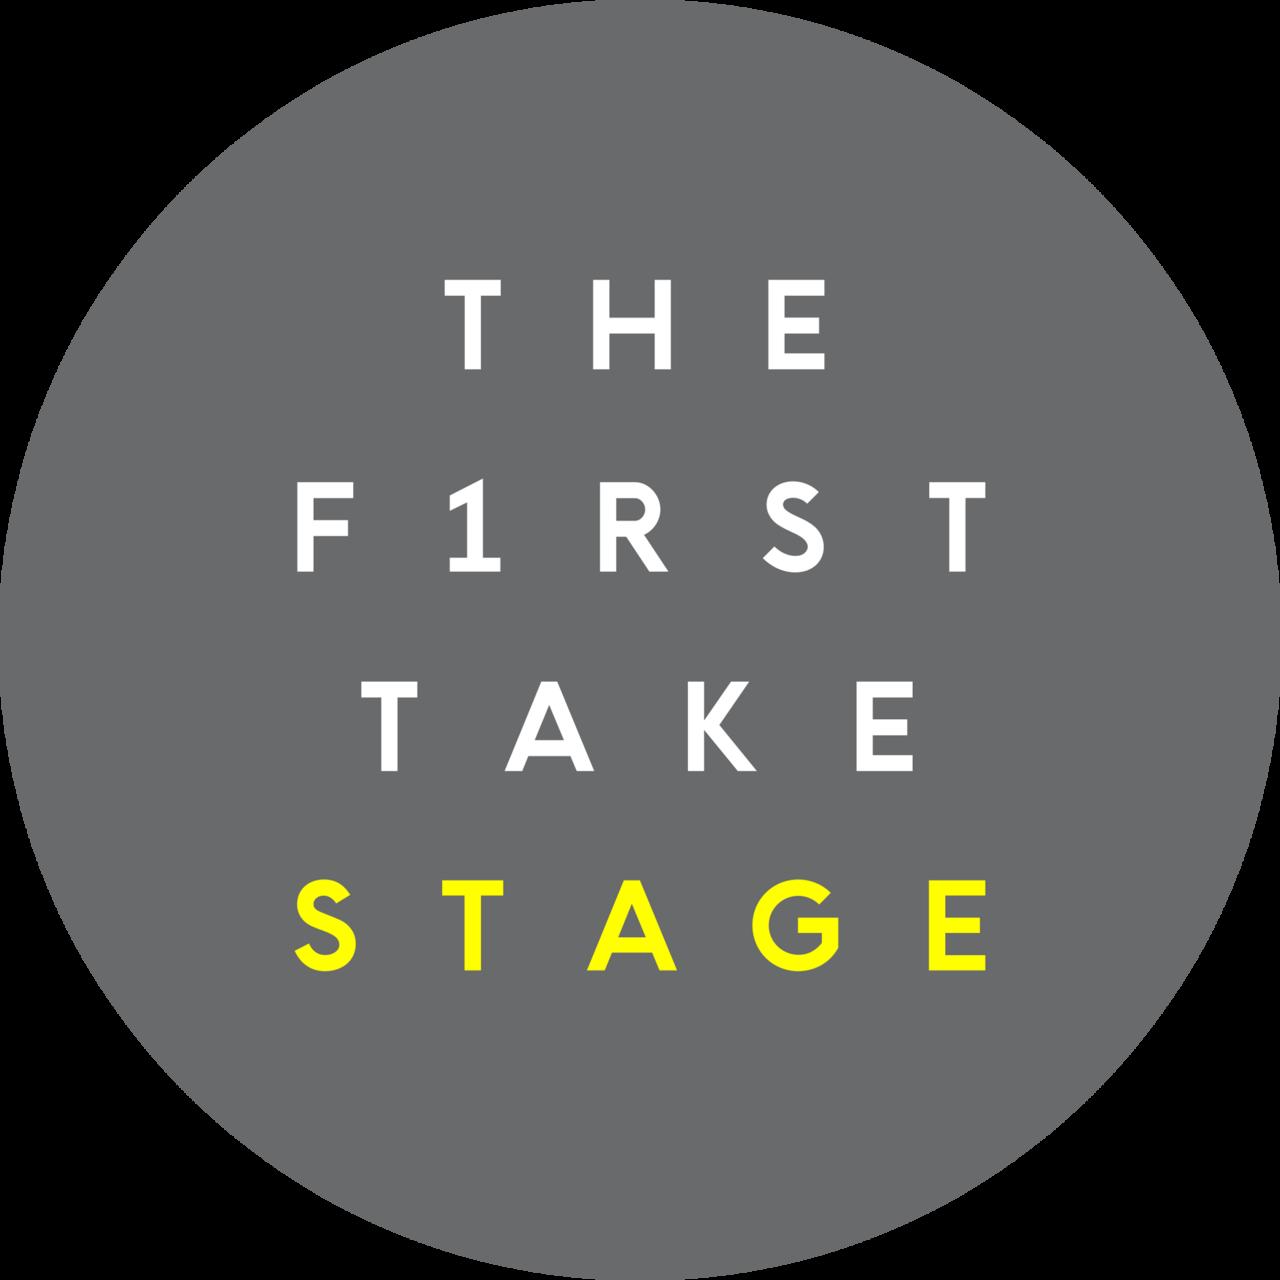 「THE FIRST TAKE」の一発撮りオーディション、ファイナリスト4組が決定 。選考委員からのコメントも到着